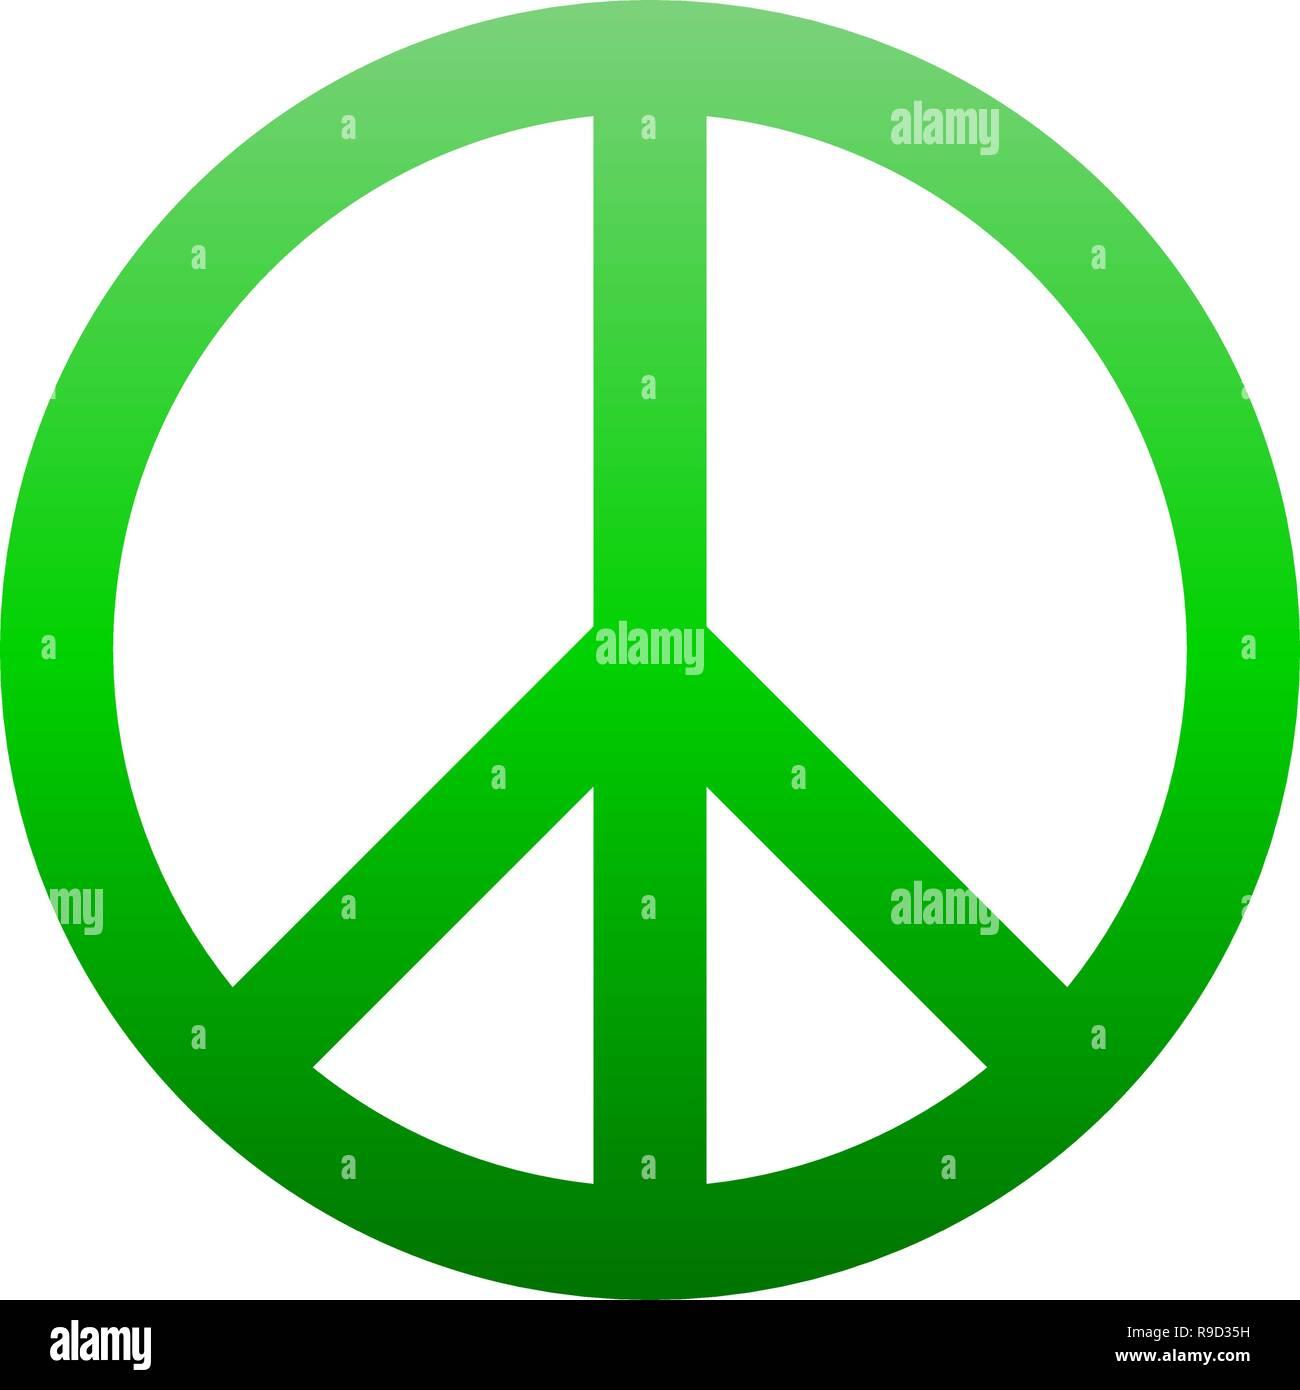 Simbolo di pace icona - verde gradiente semplice, isolato - illustrazione vettoriale Immagini Stock